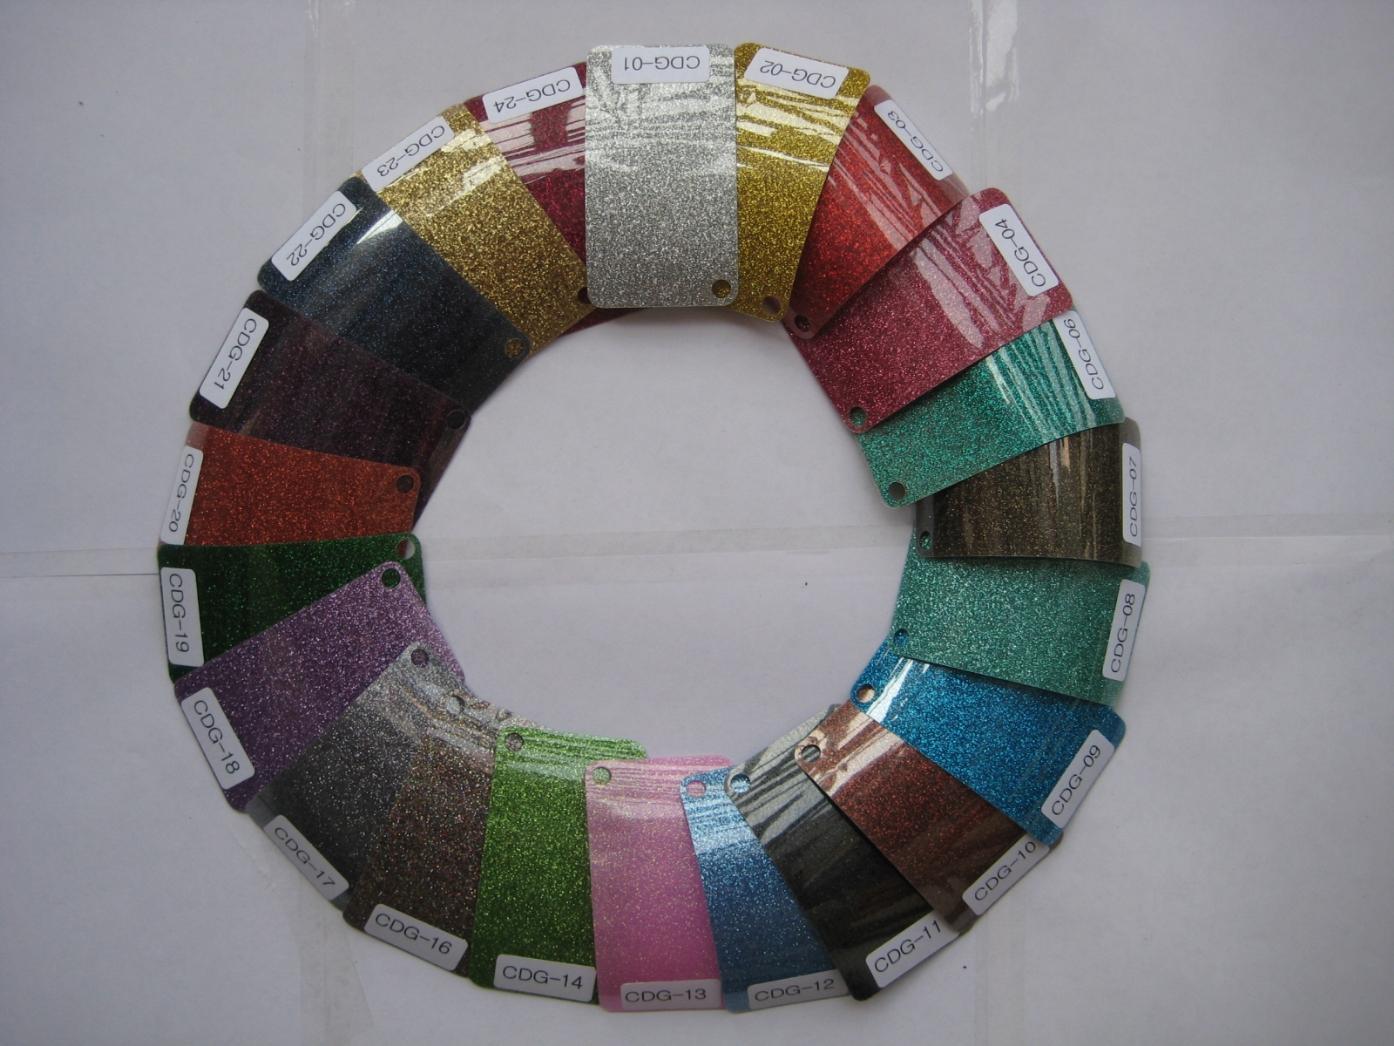 Корея импортированных лук порошок/блеск блеск передачи тепла / / шаблон обработки передачи тепла напечатаны буквами фильм класс